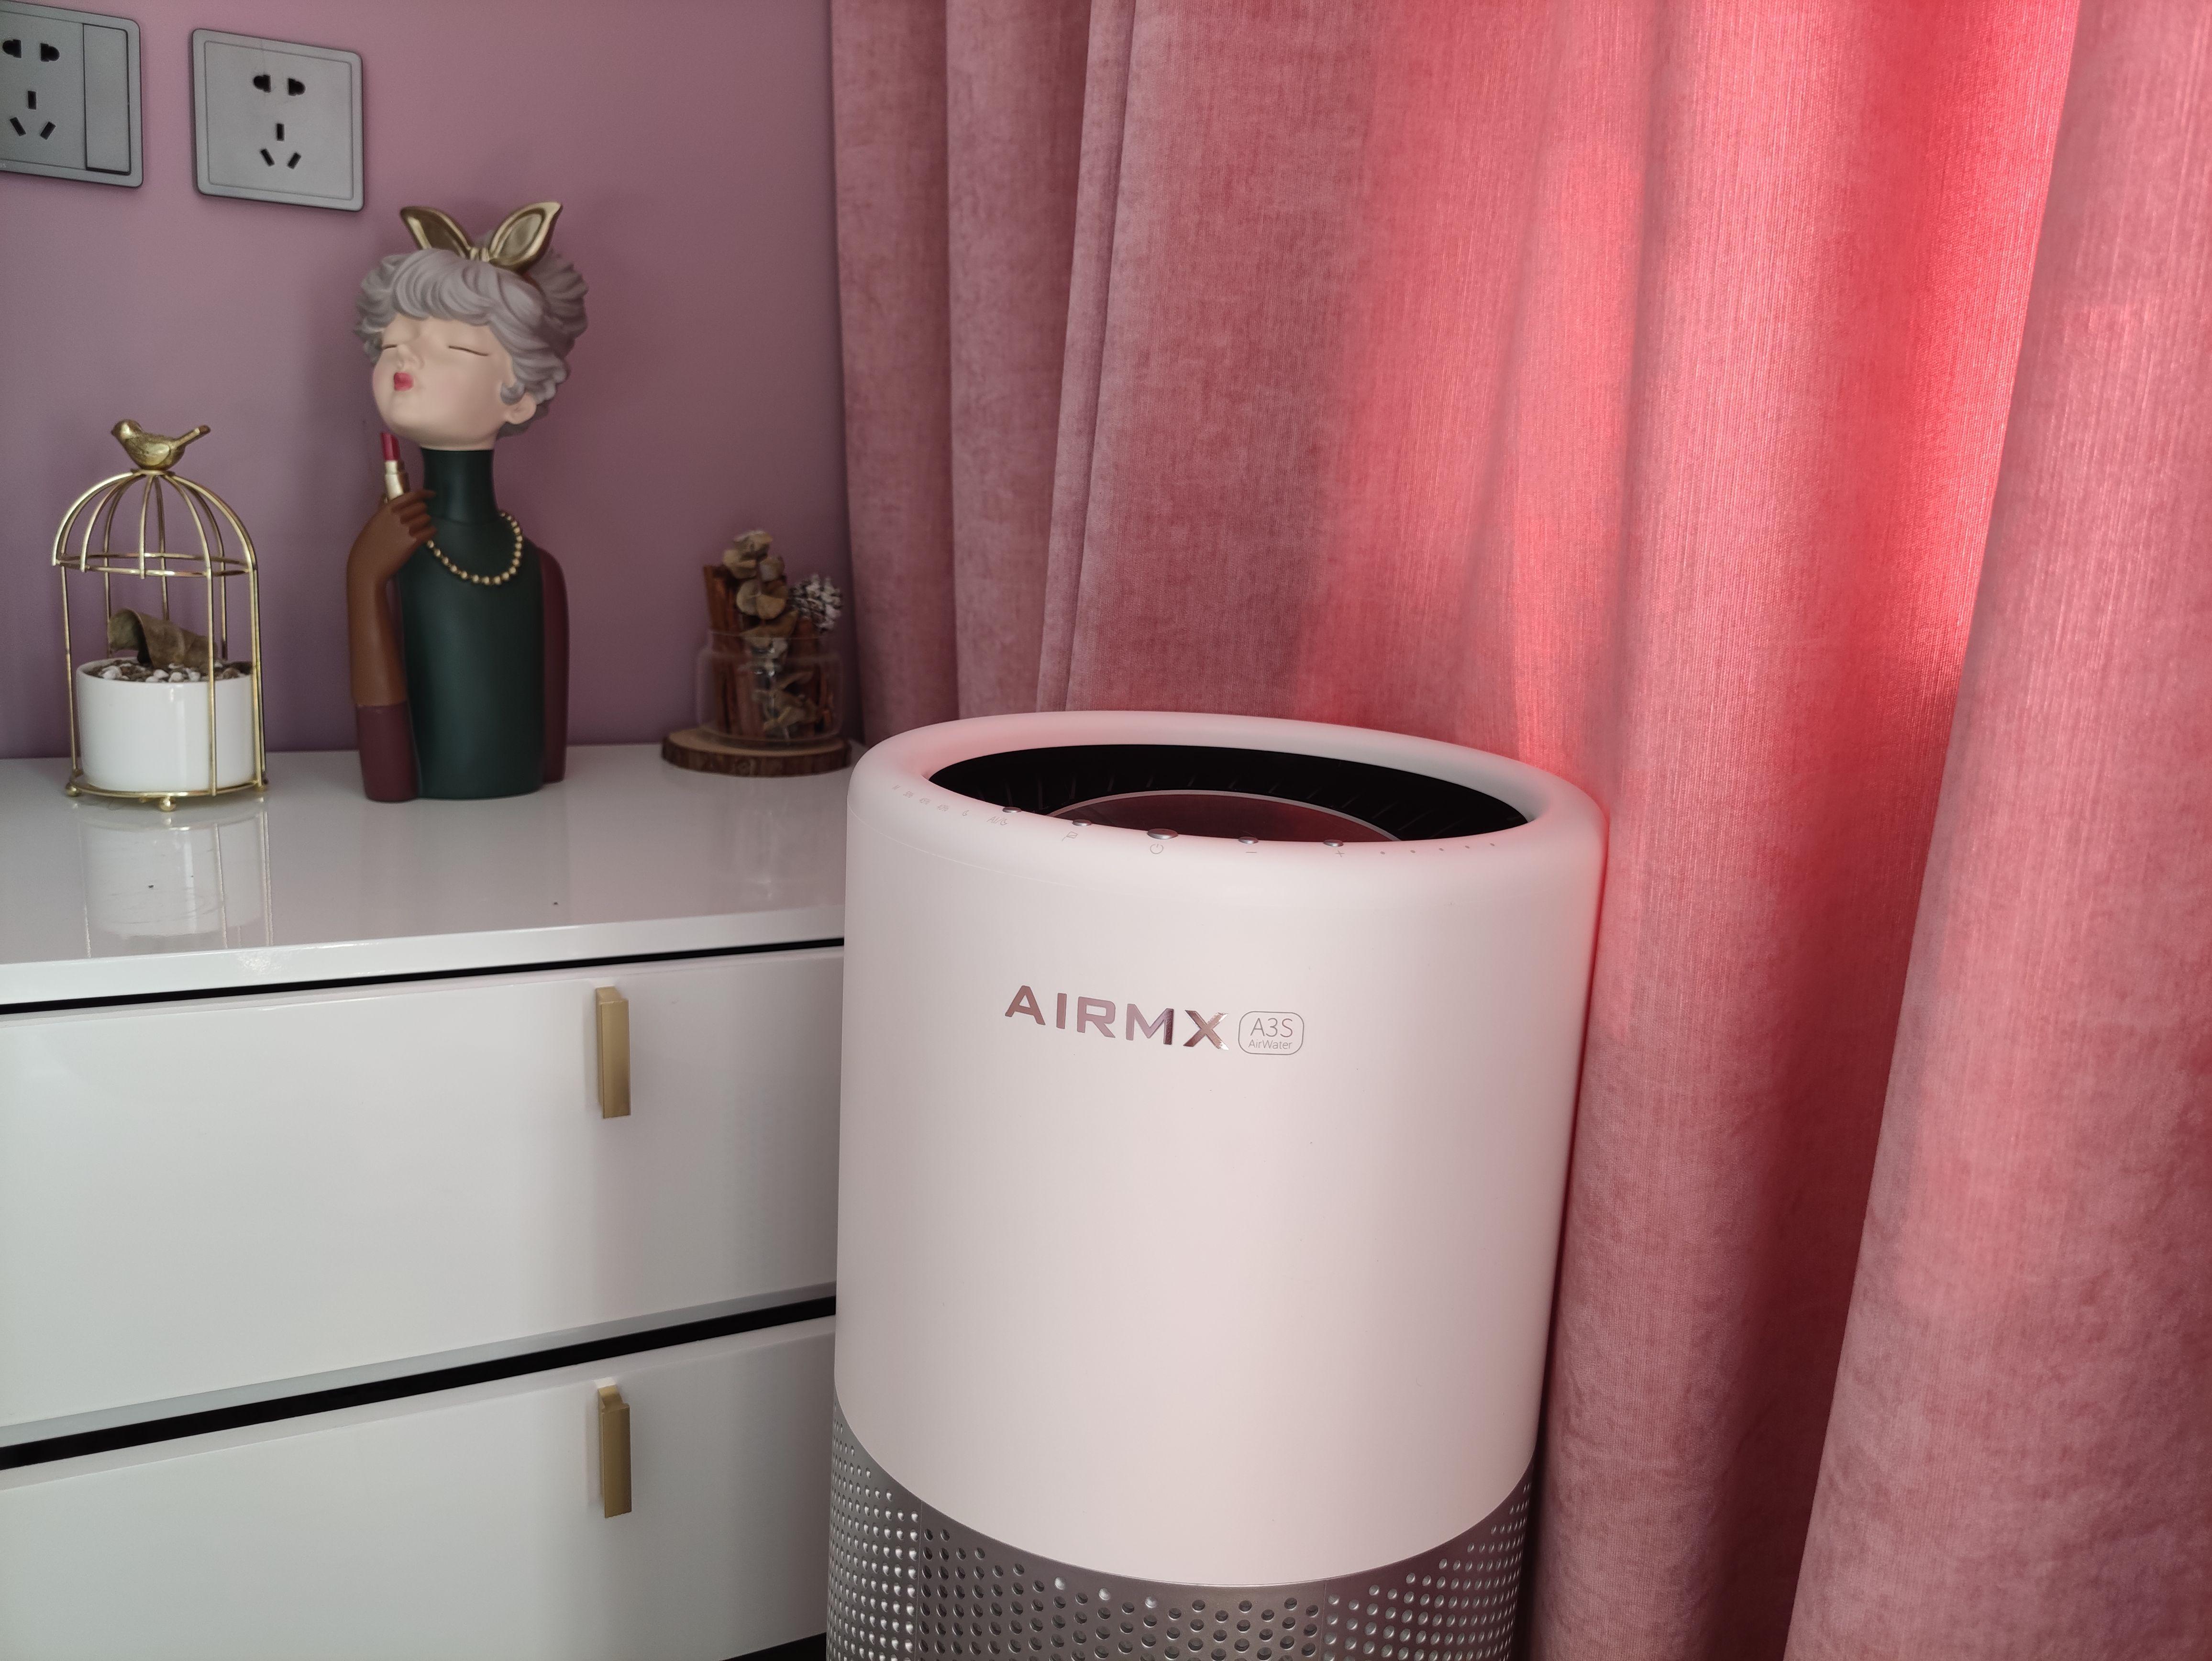 秒新AirWater A3S加湿器测评:科技创新让生活更舒适健康